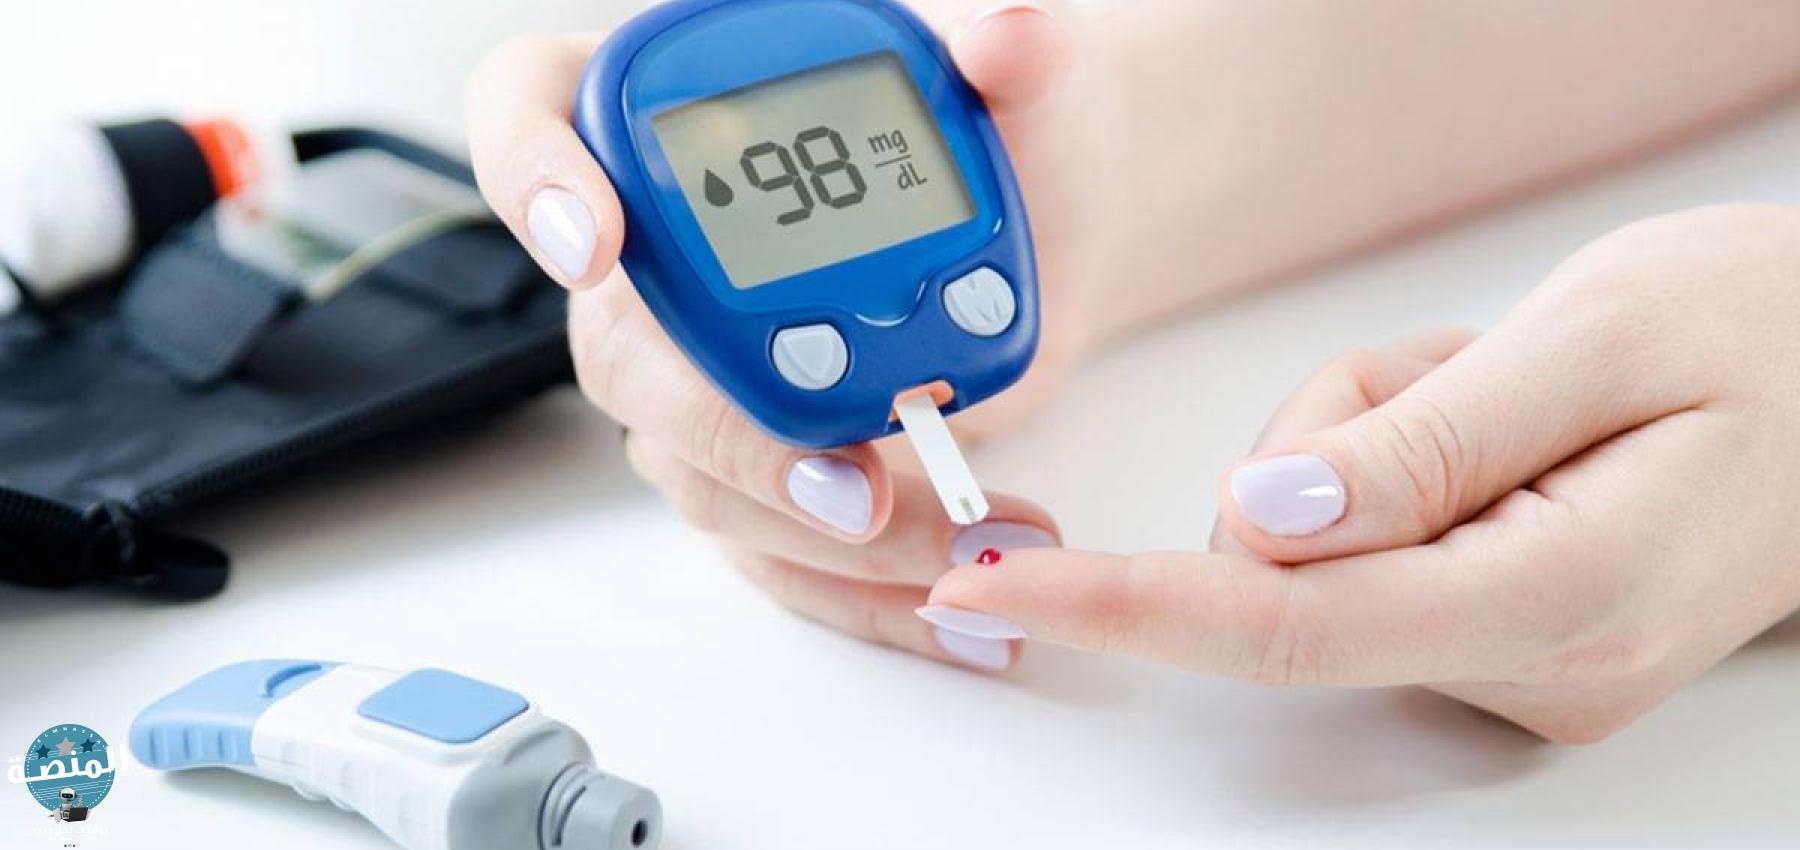 كيفية تحليل السكر وما نسبة السكر في الدم الطبيعية